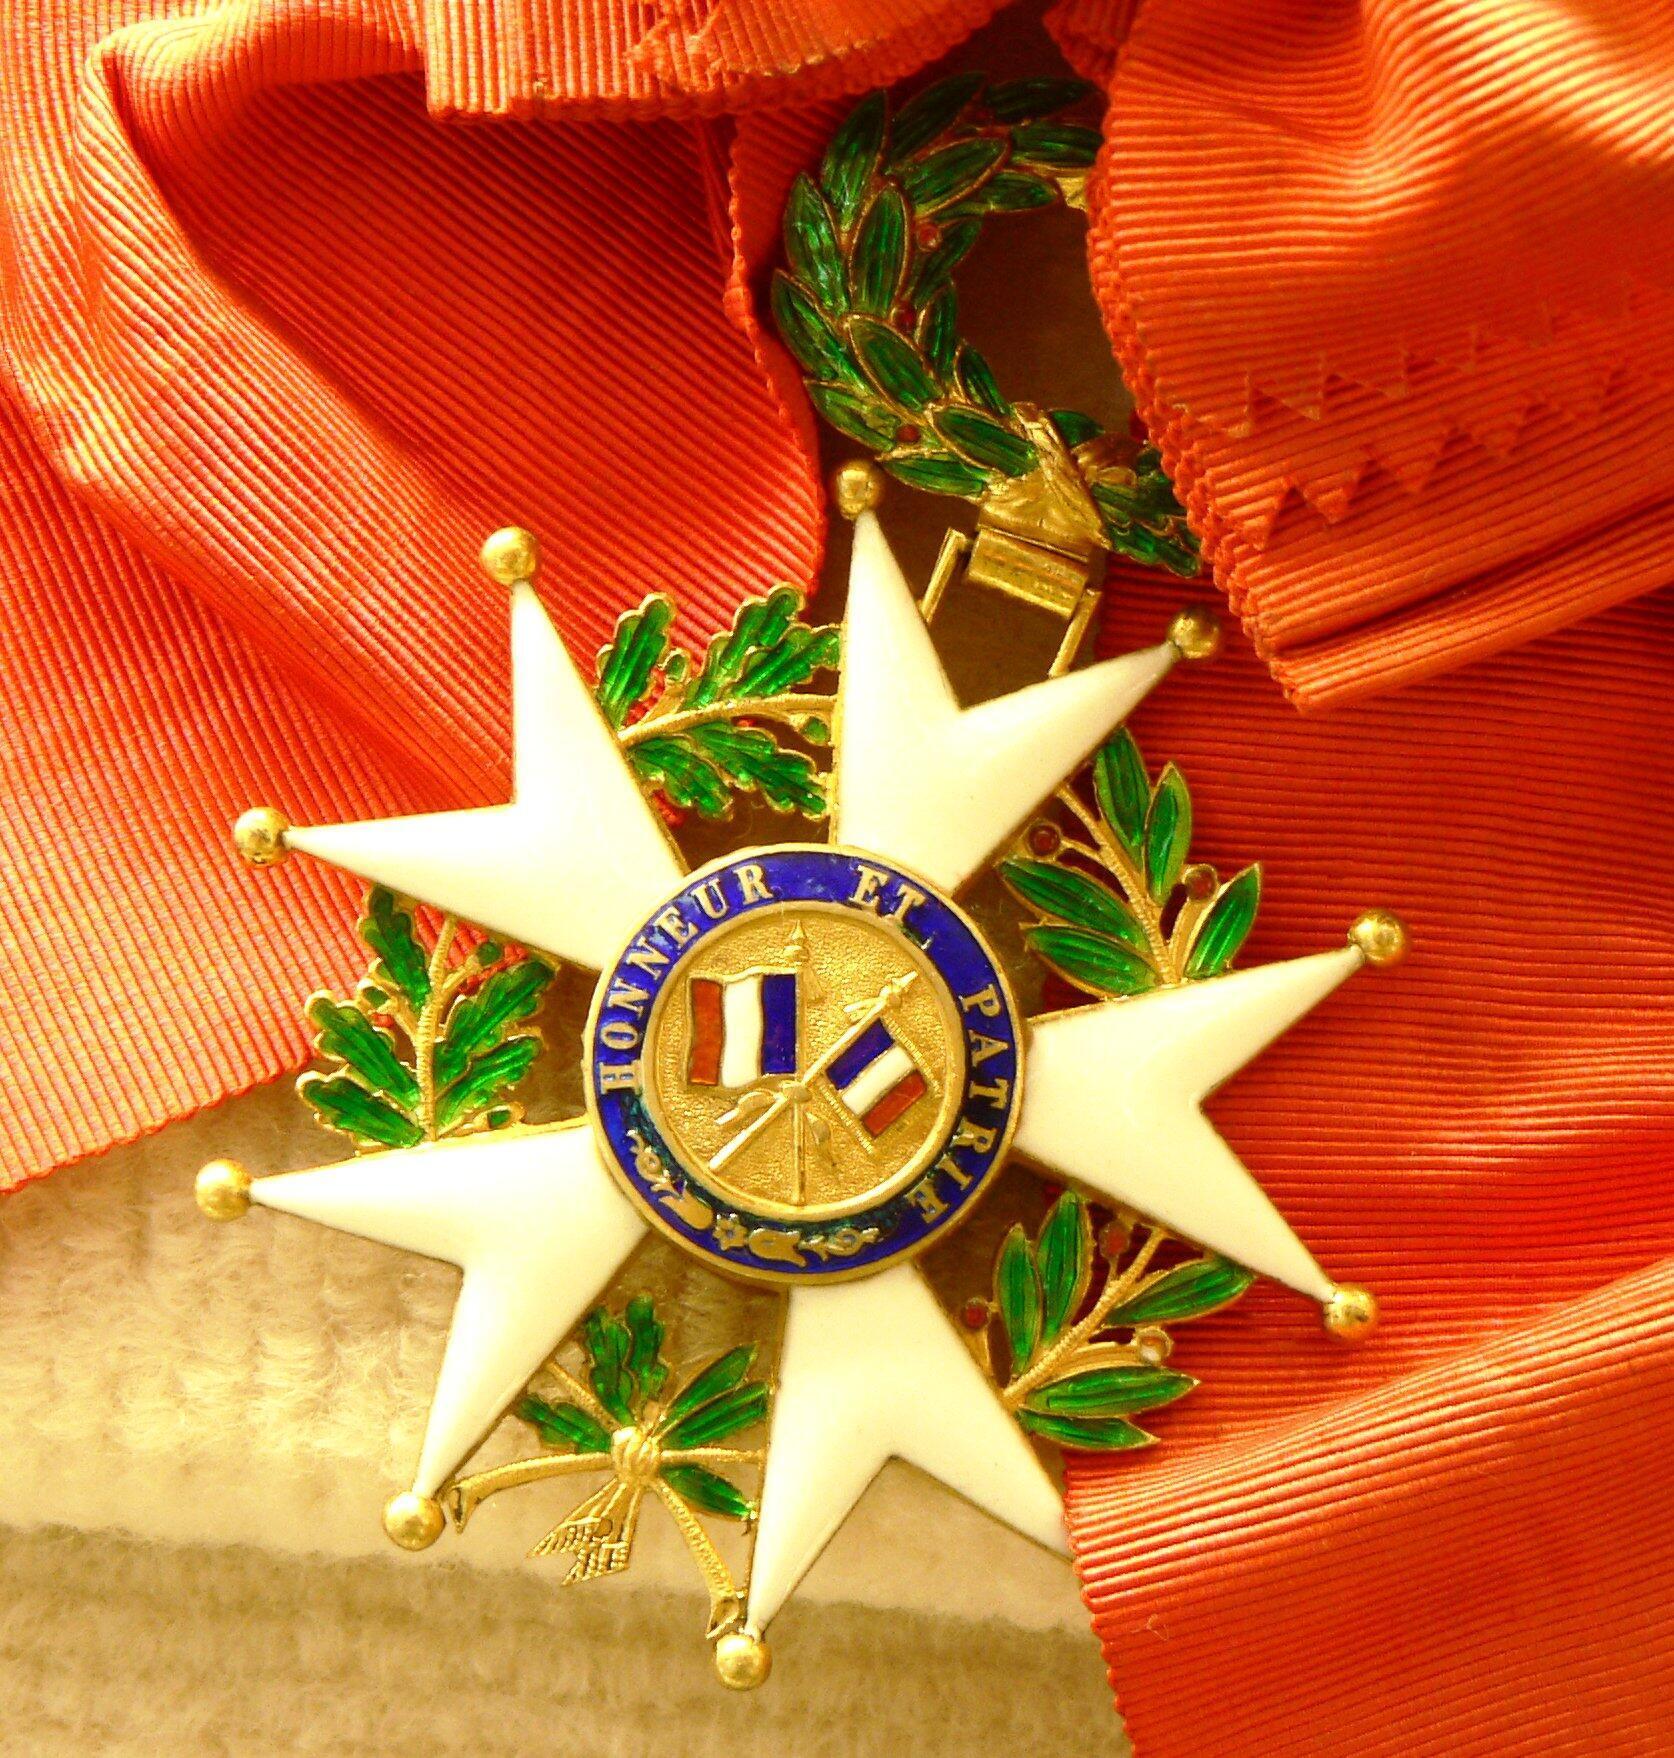 Высшая французская награда - орден Почетного легиона